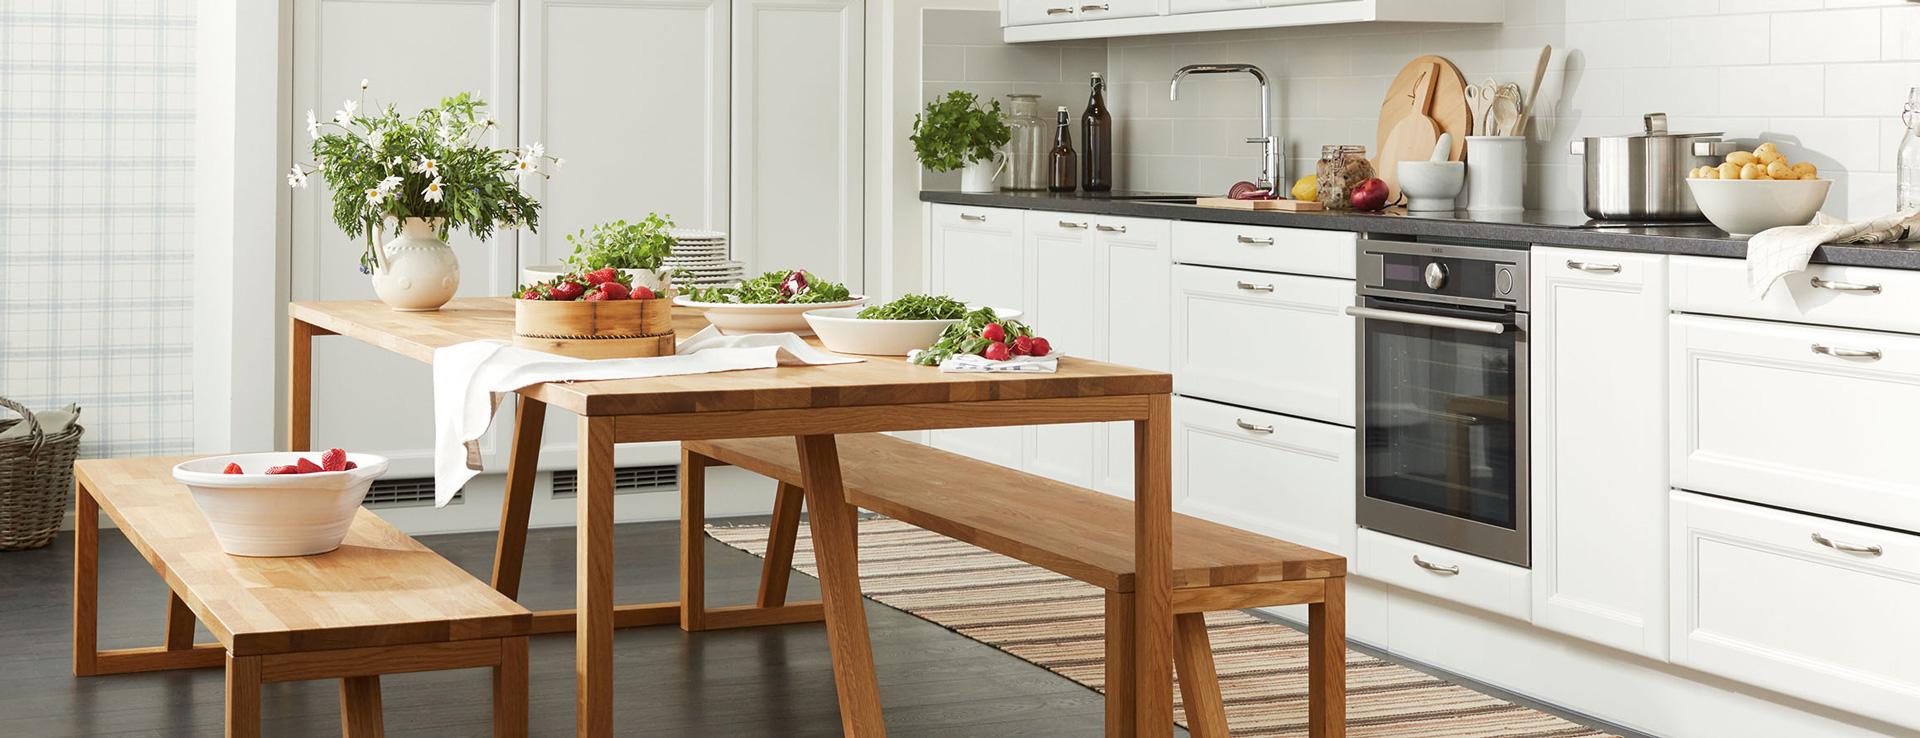 Puustellin puinen ruokailuryhmä keittiöön